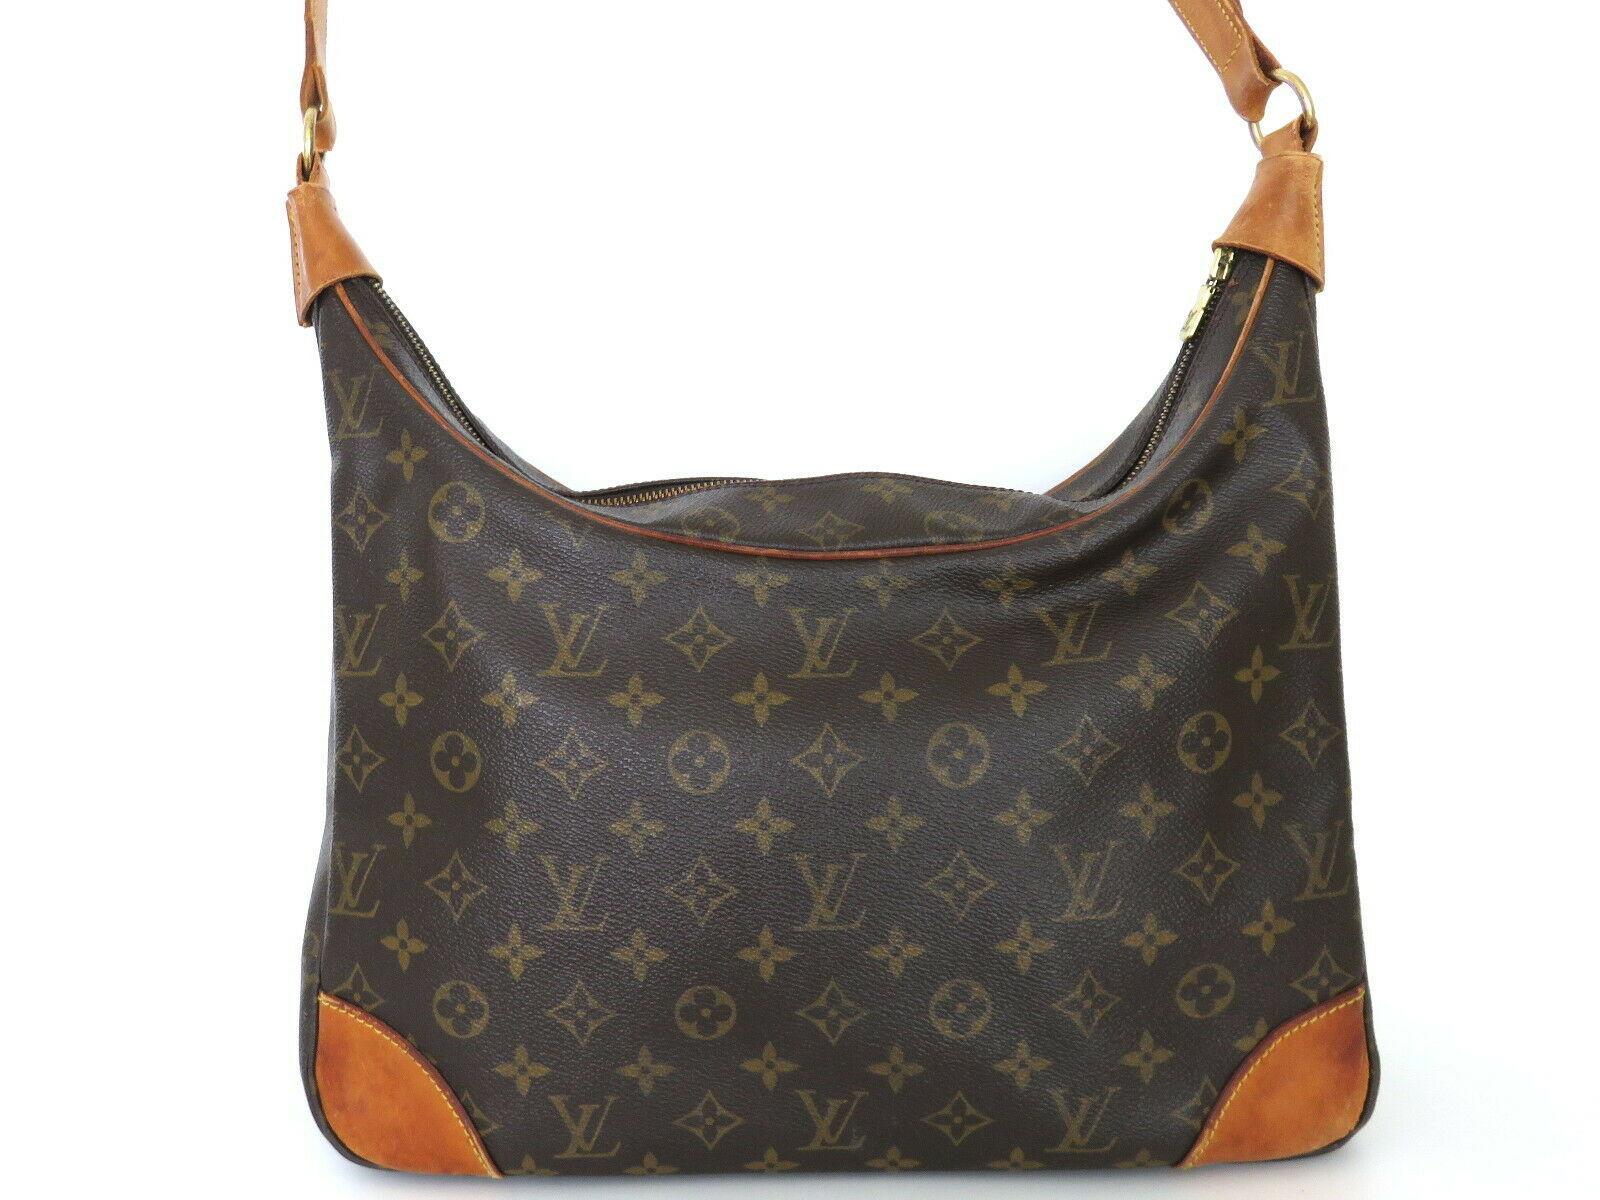 Authentic LOUIS VUITTON Monogram Canvas Leather Boulogne 35 Shoulder Bag image 2